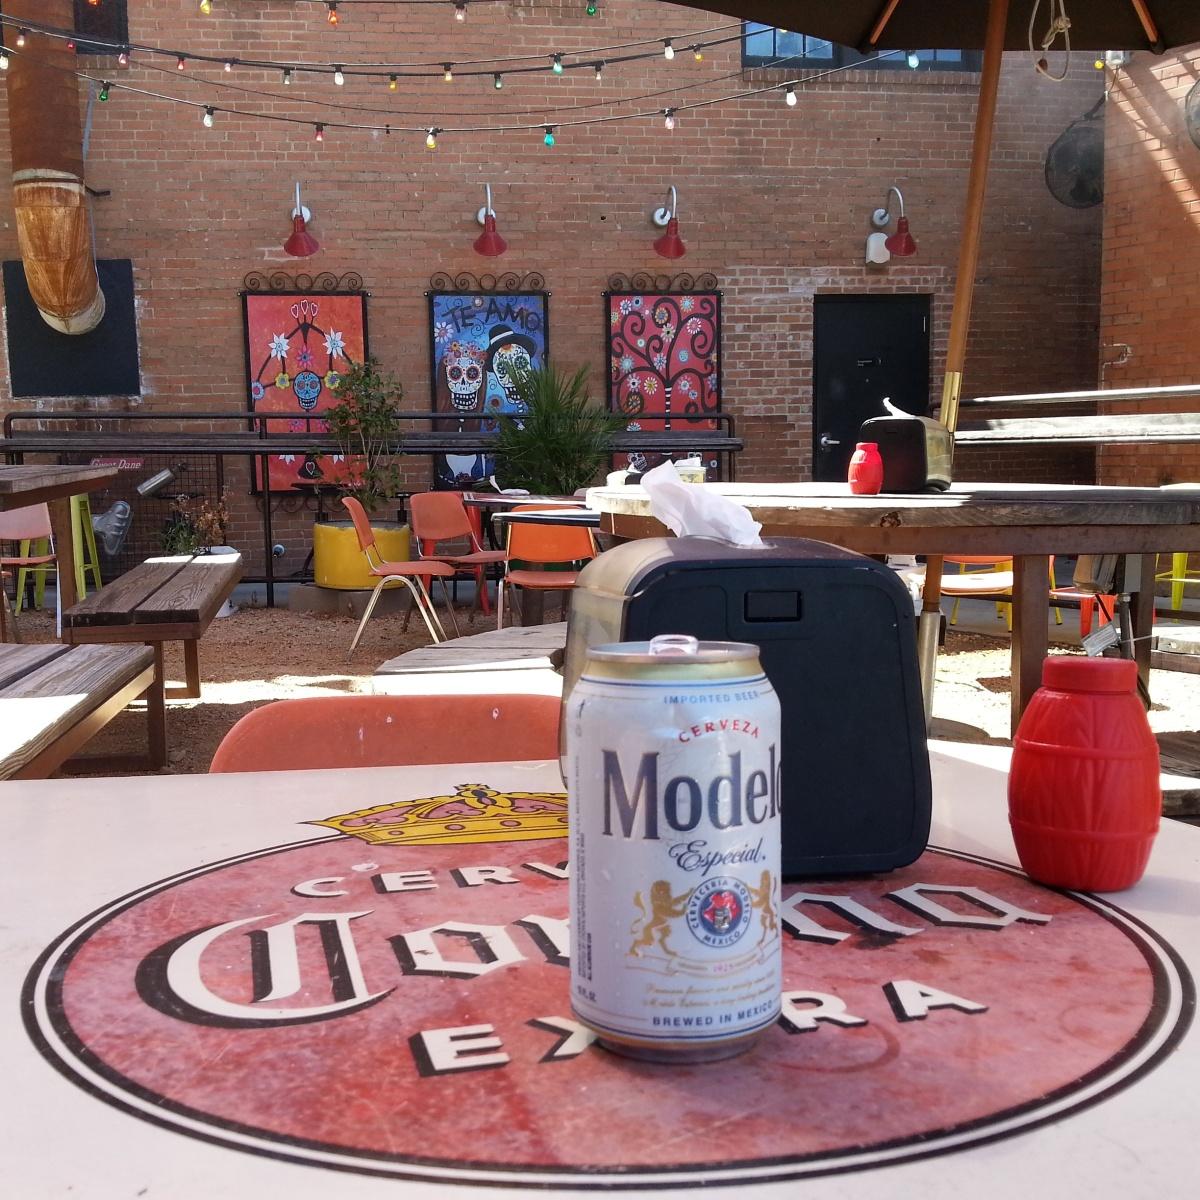 Restaurant Review #69: Taqueria La Ventana (Dallas, TX